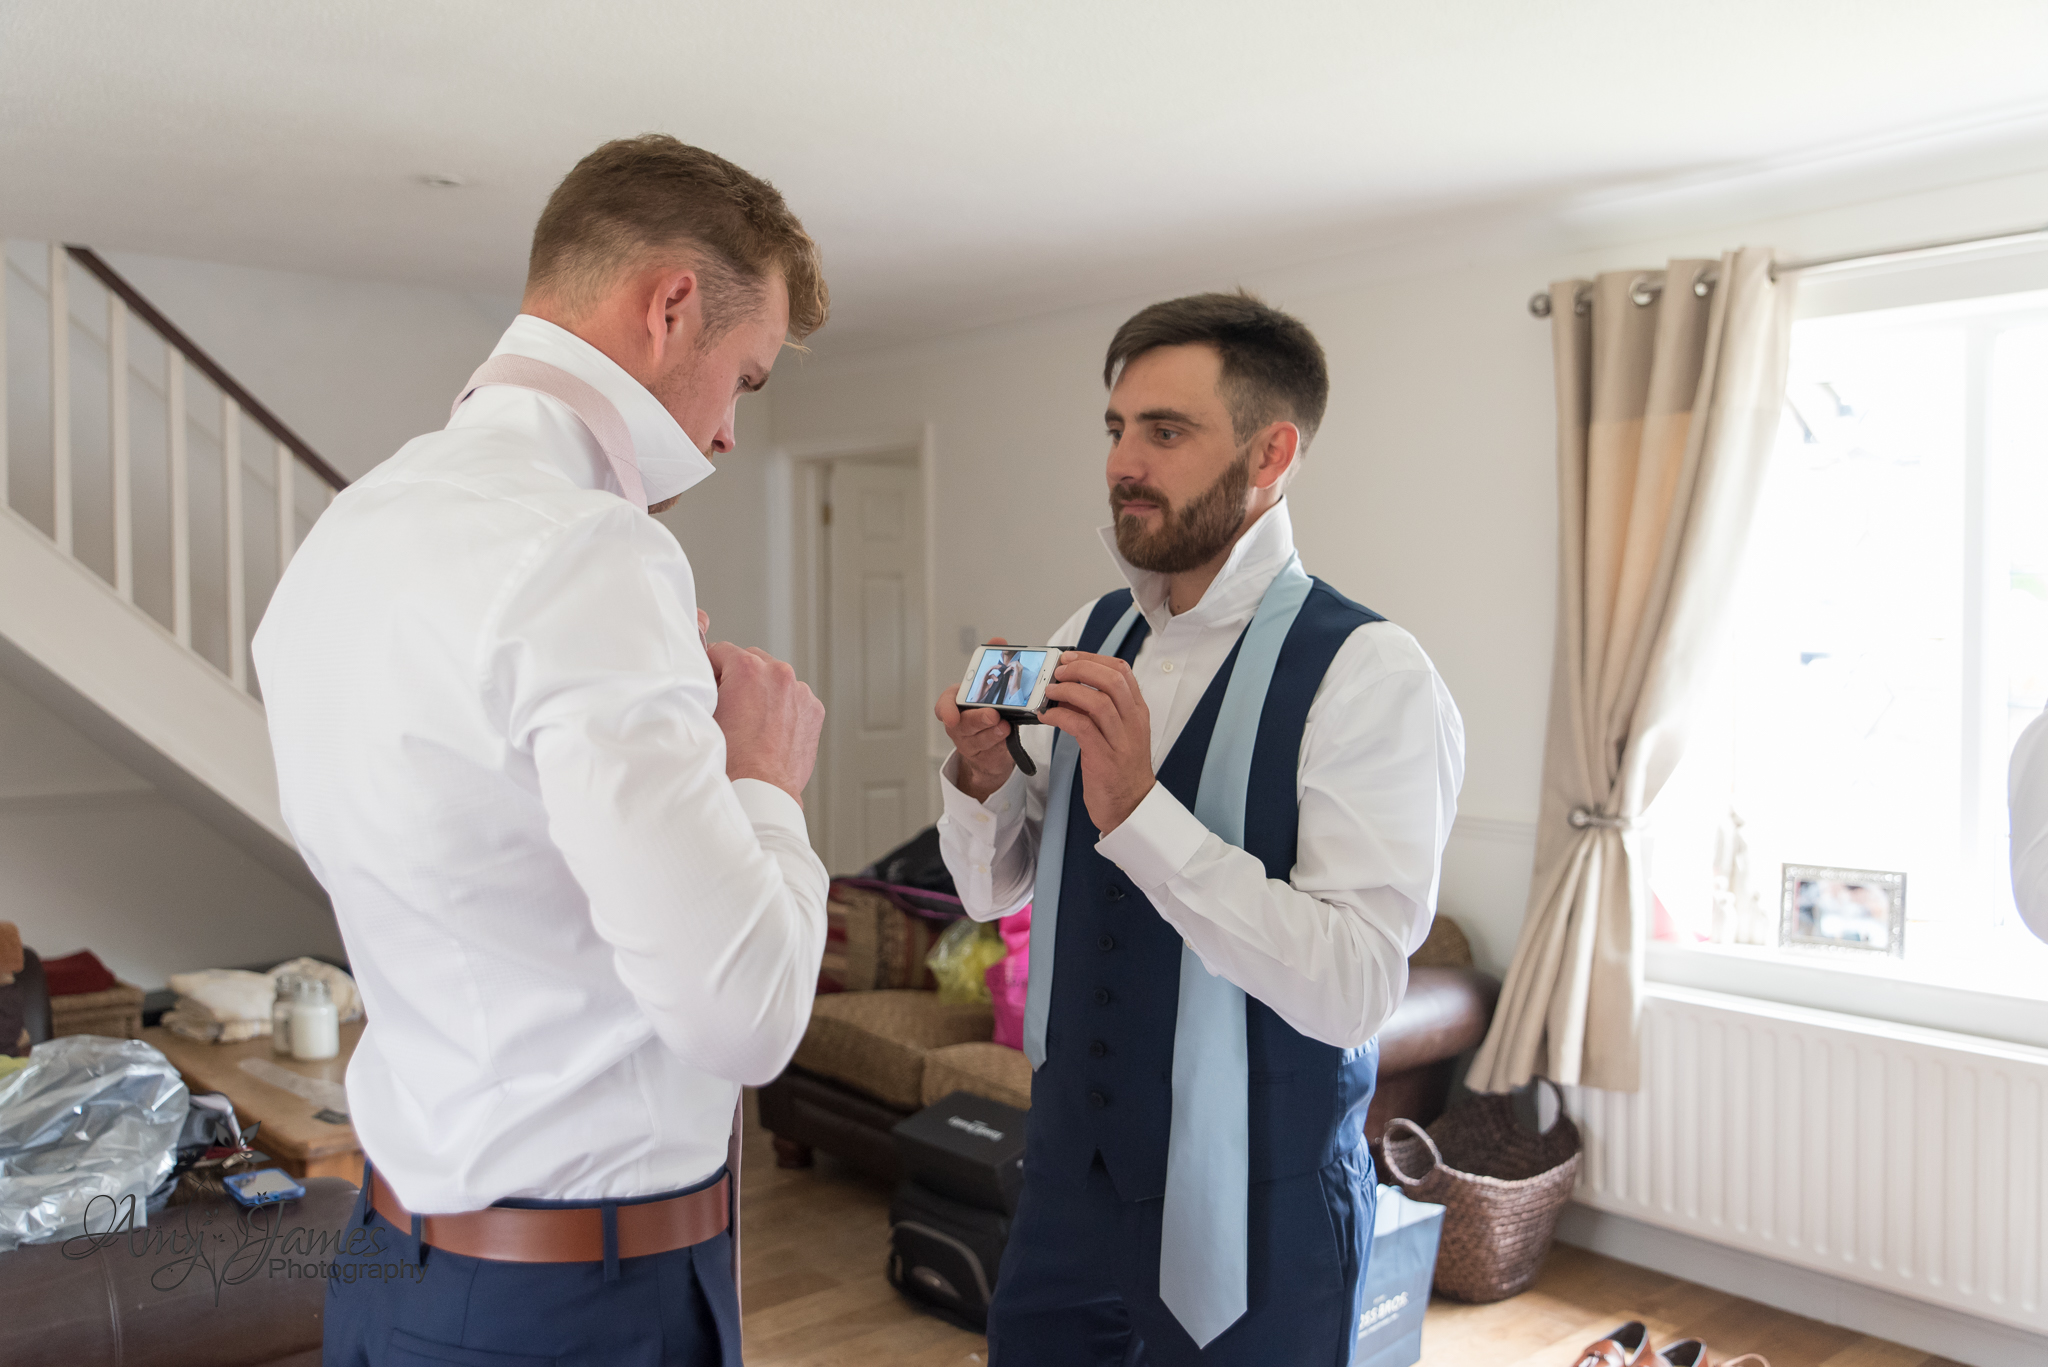 Fleet wedding photographer / Hampshire wedding photographer / Warbrook House wedding